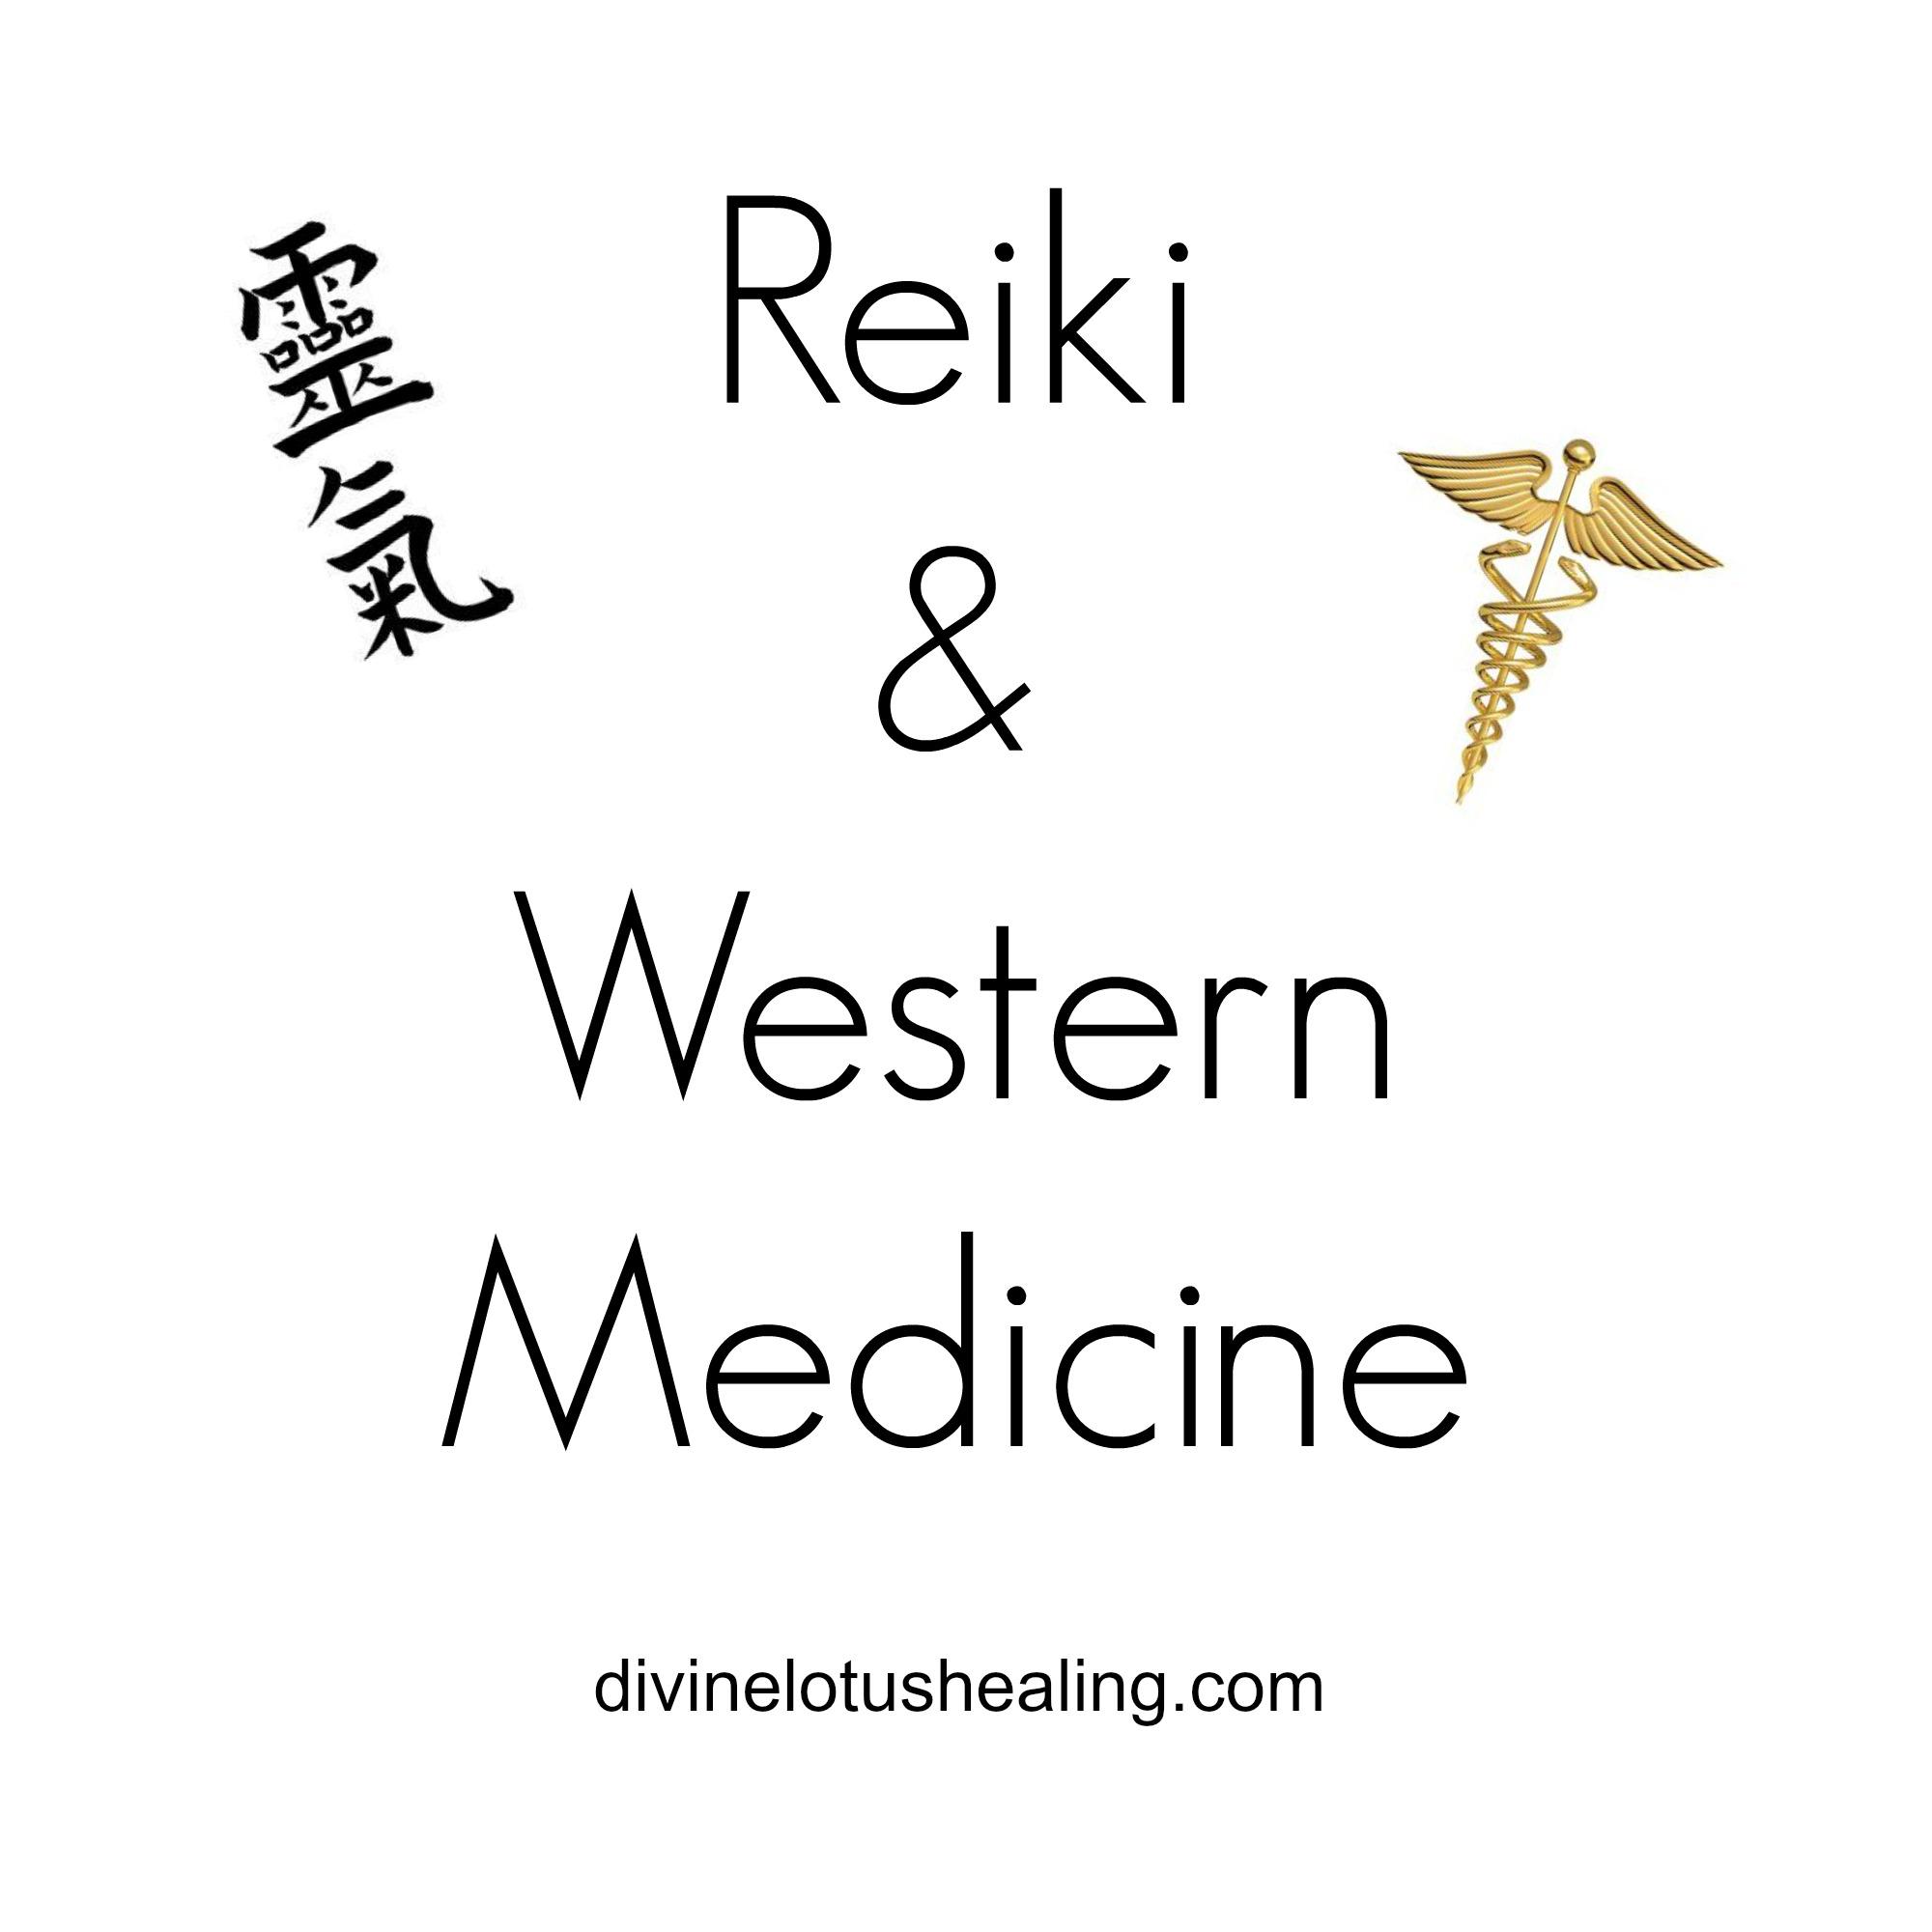 Reiki and Western Medicine